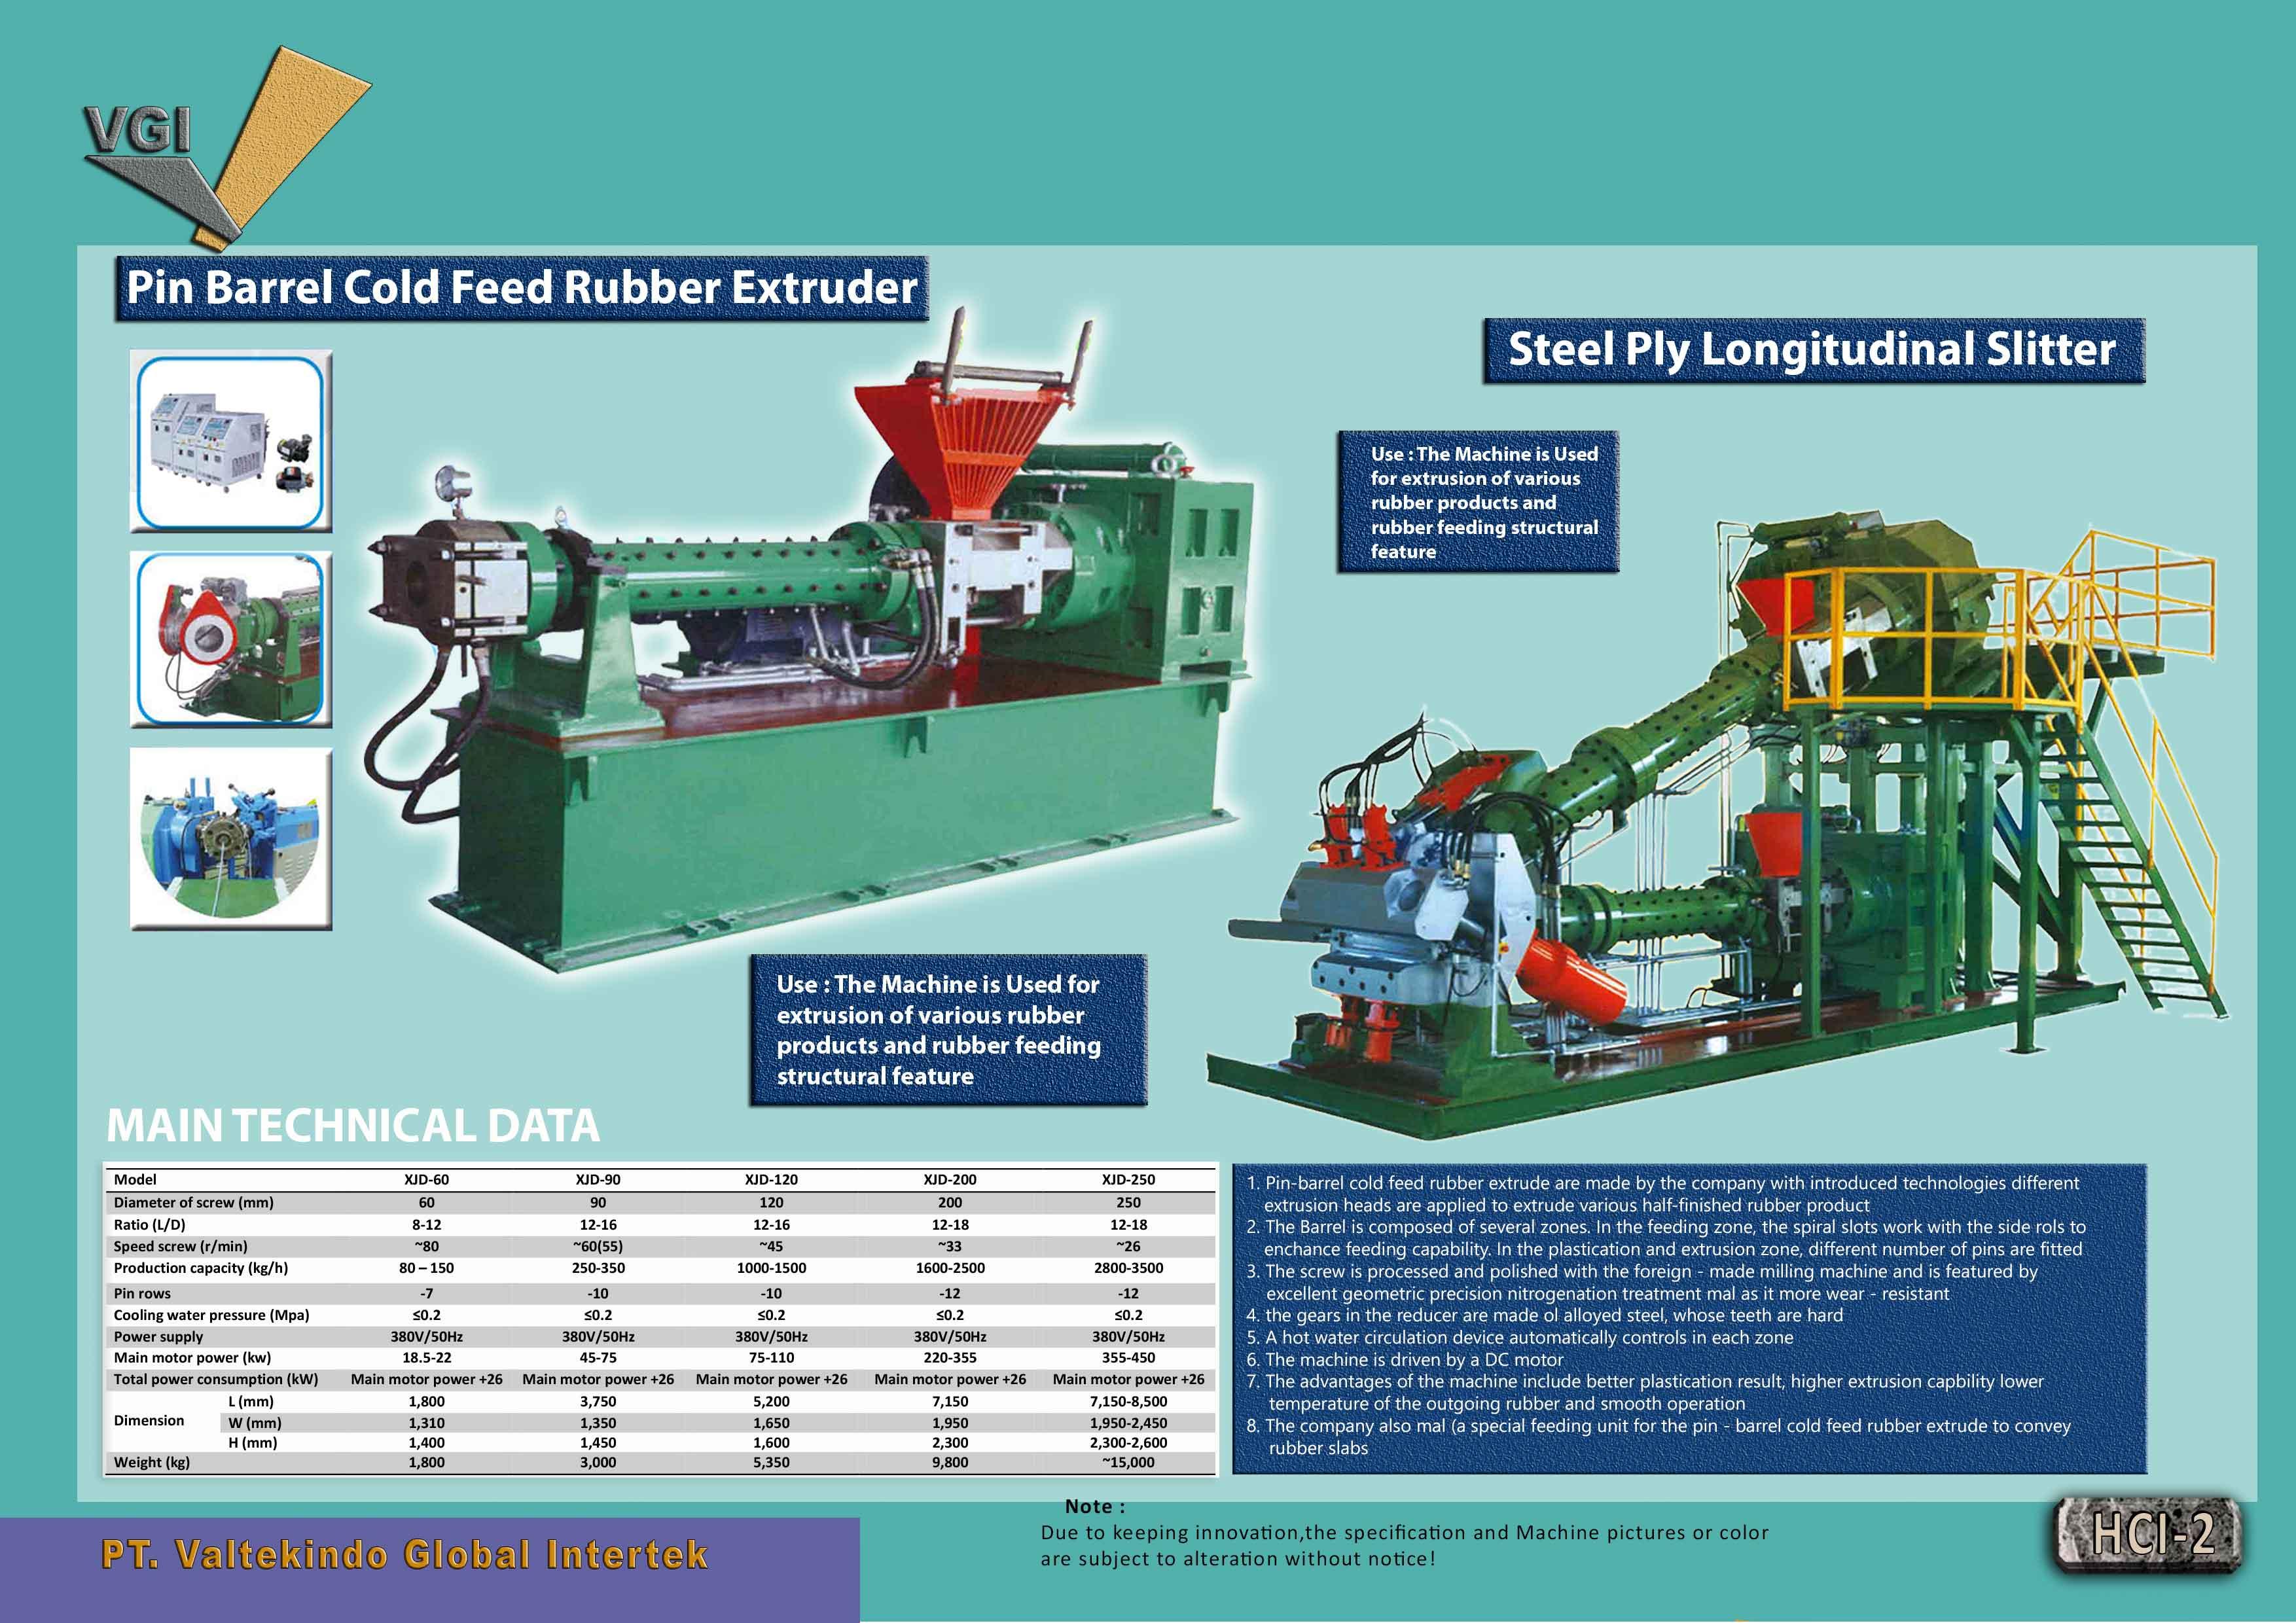 jual mesin Pin Barrel Extruder Steel Ply Longitudinal Slitter Pin Barrel Extruder Steel Ply Longitudinal Slitter